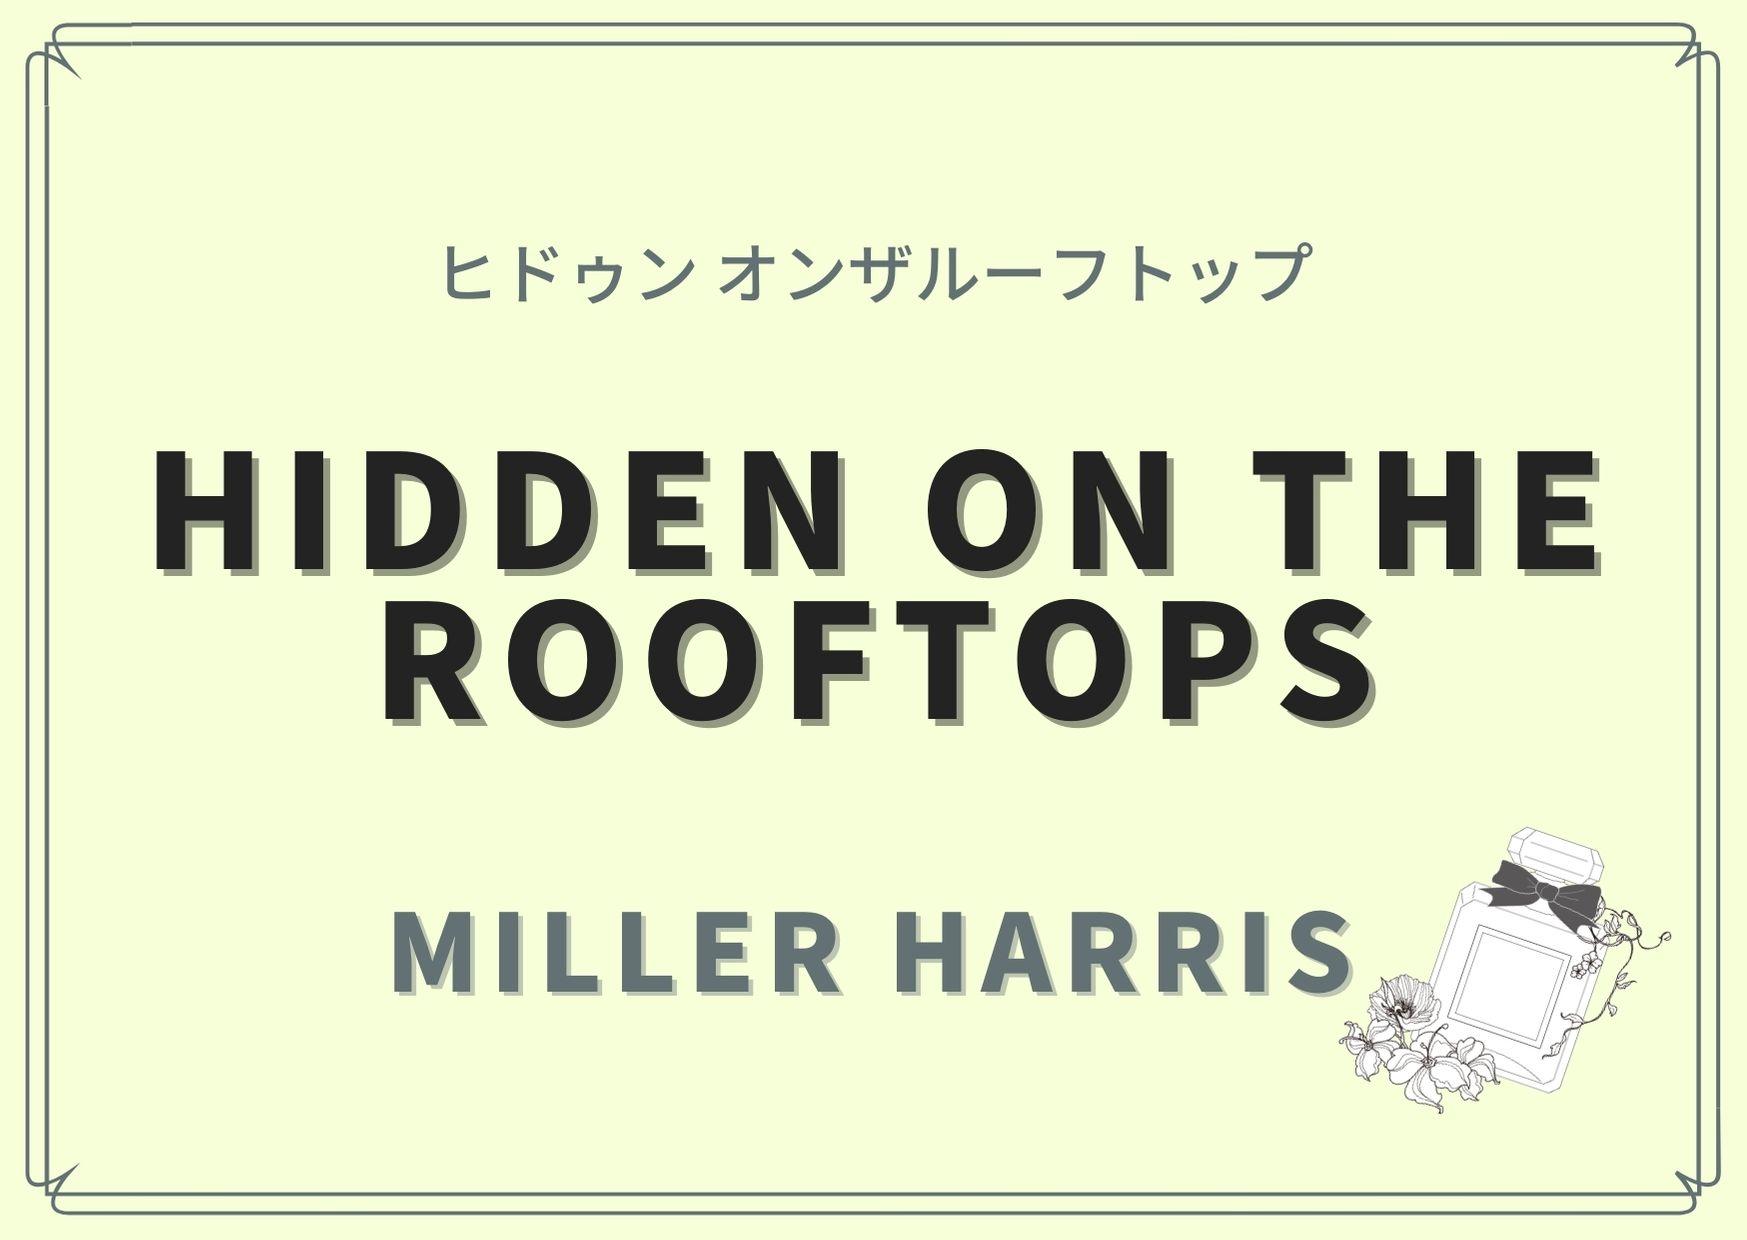 HIDDEN on the rooftops(ヒドゥン オンザルーフトップ)/Miller Harris(ミラー ハリス)